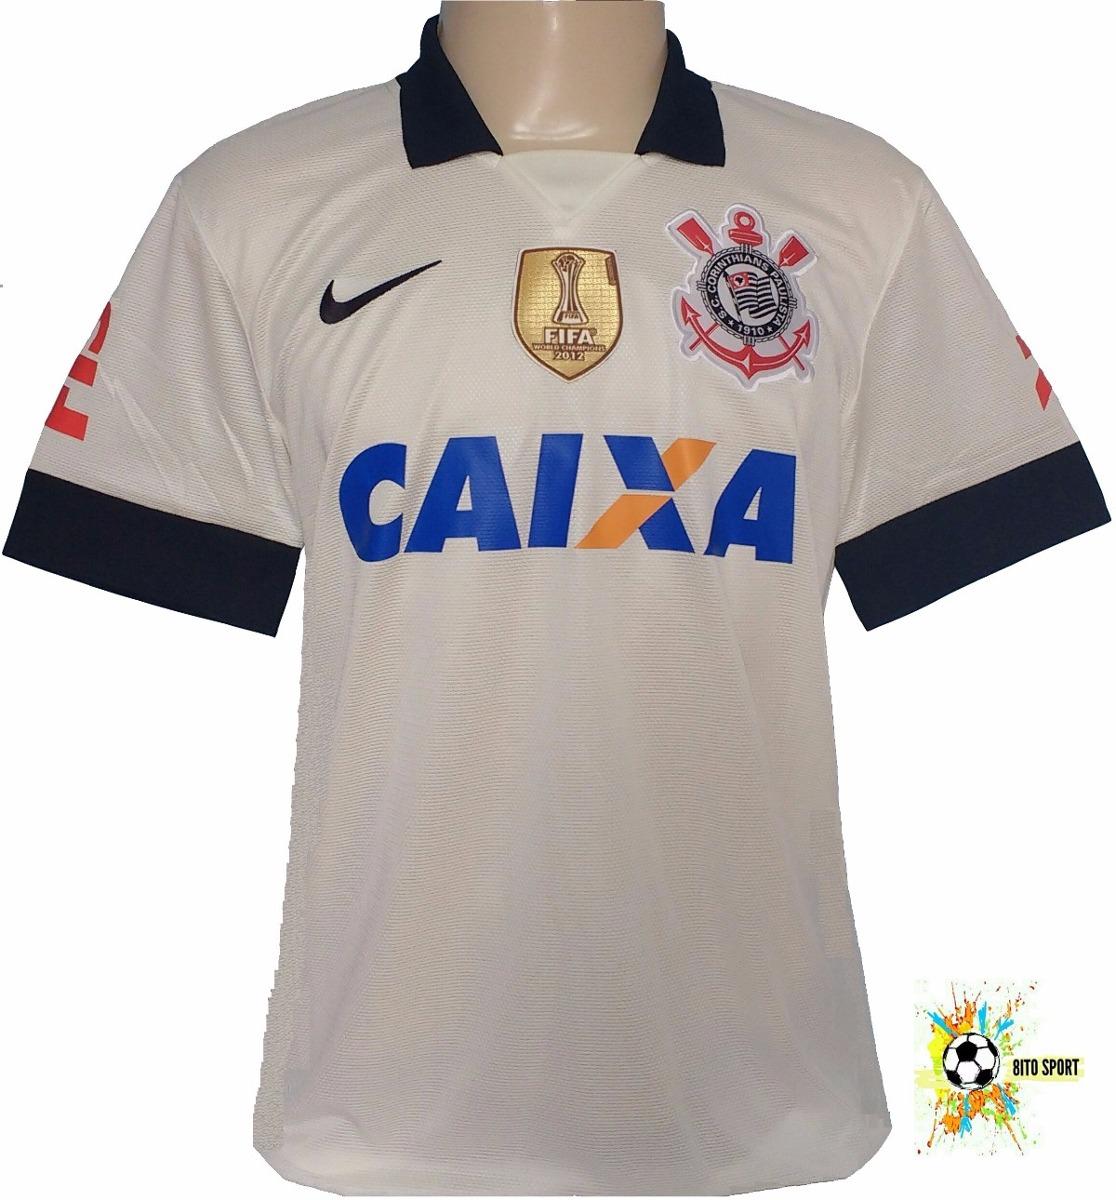 camisa corinthians 2013 branca nike patch escudo fifa 2012. Carregando zoom. 71d70ba2a69aa